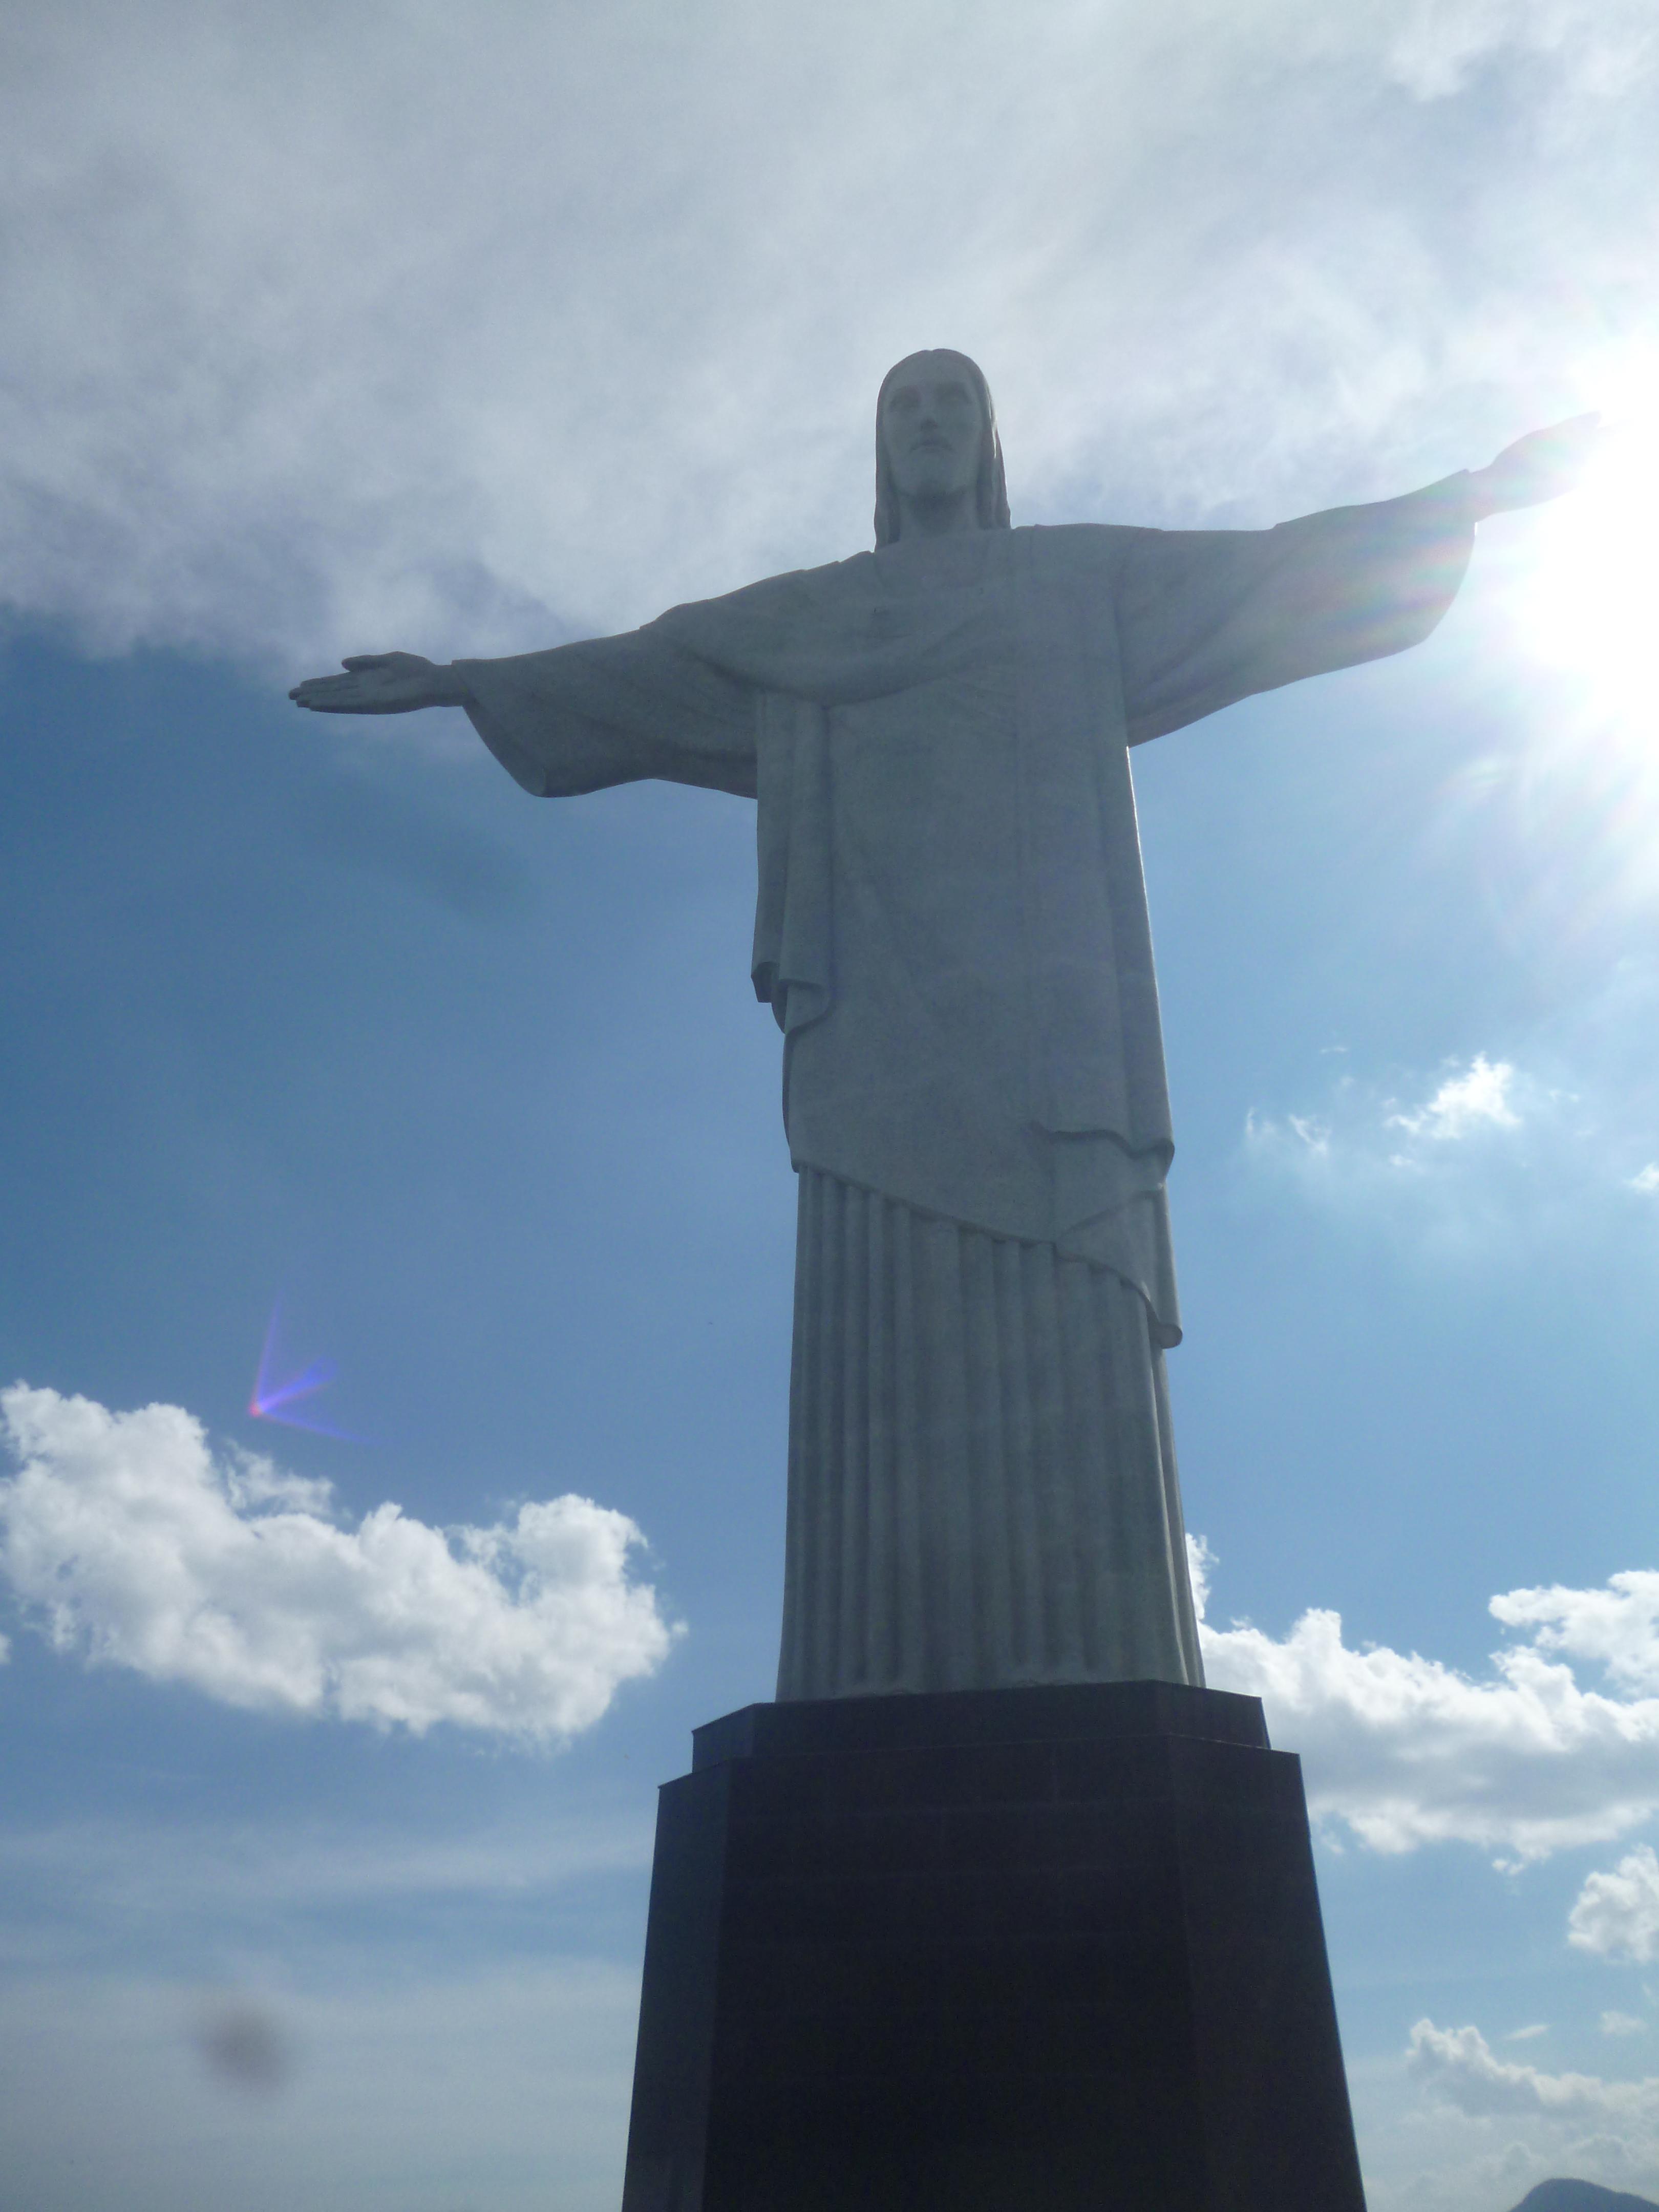 beaucoup de soleil sur le christ